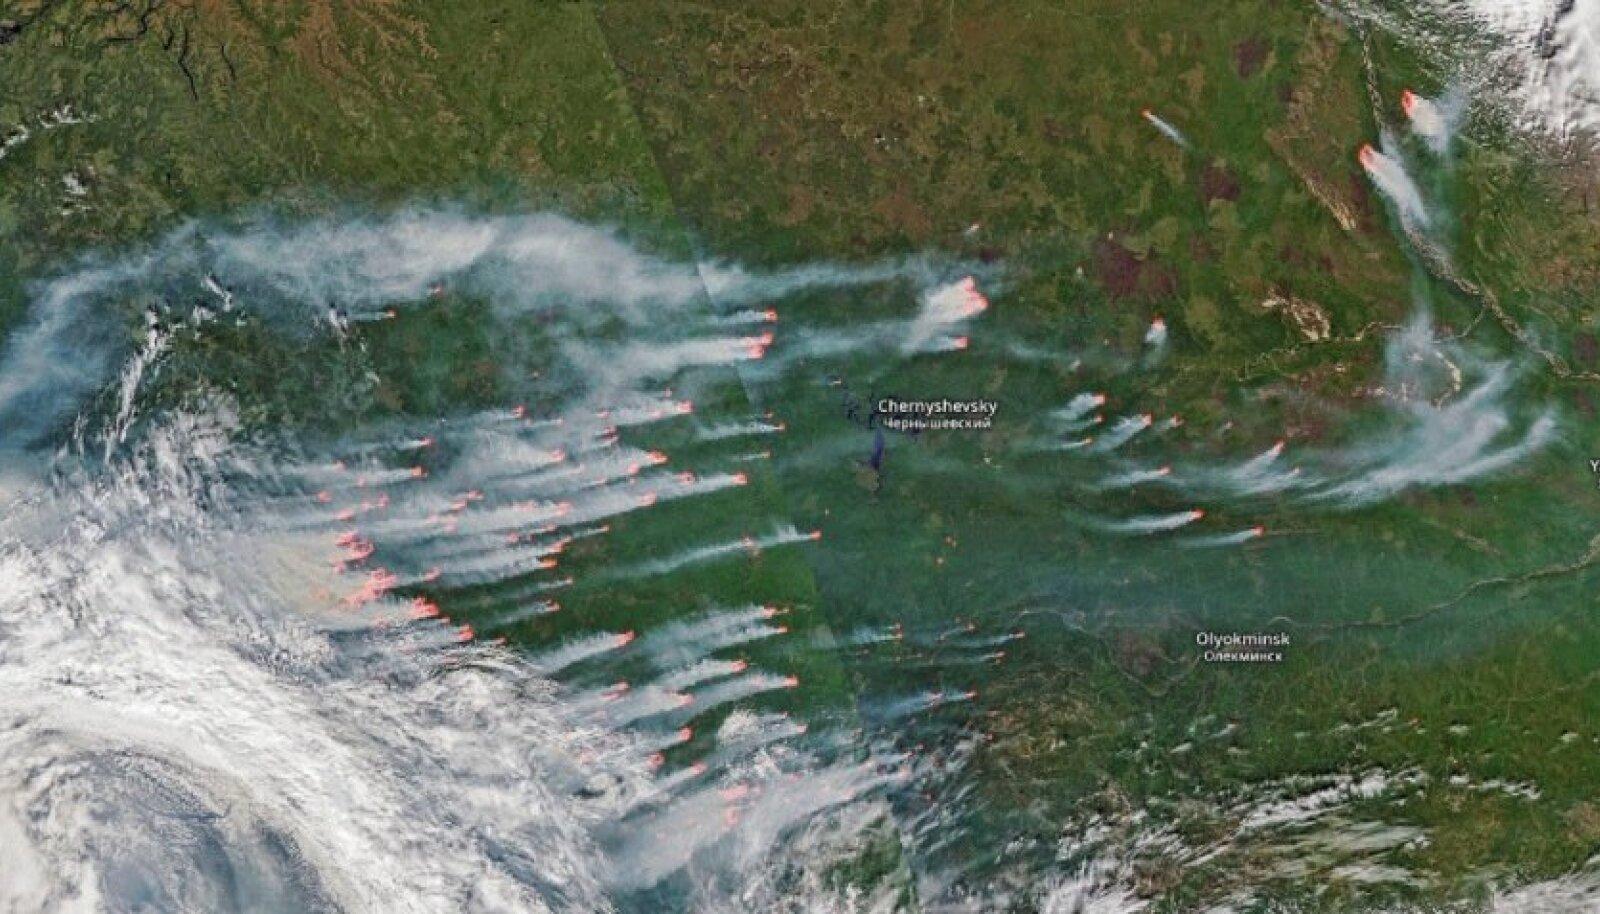 21. juuli satelliidivaade Krasnojarski kraid ja Jakuutiat laastavatele maastikupõlengutele. Pildi laius vastab umbes 1000 kilomeetrile.